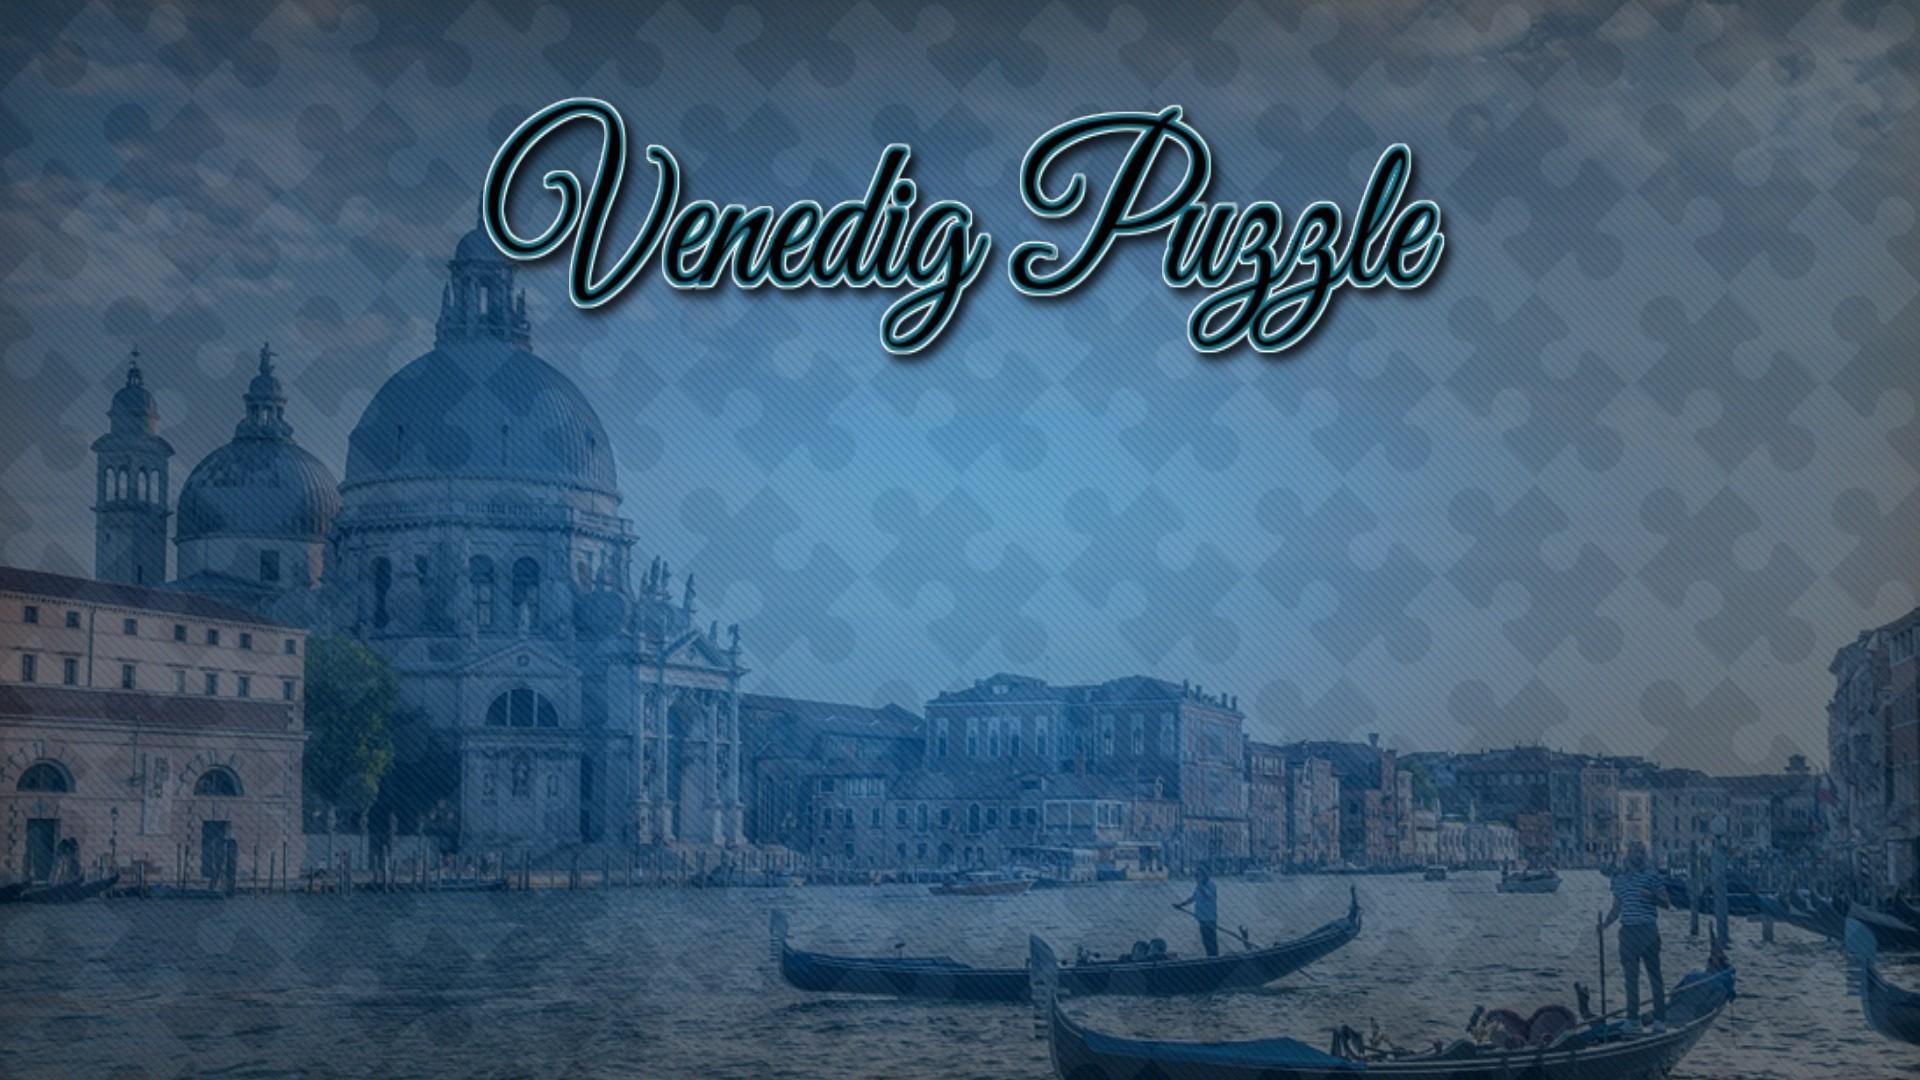 Image Venedig Puzzle